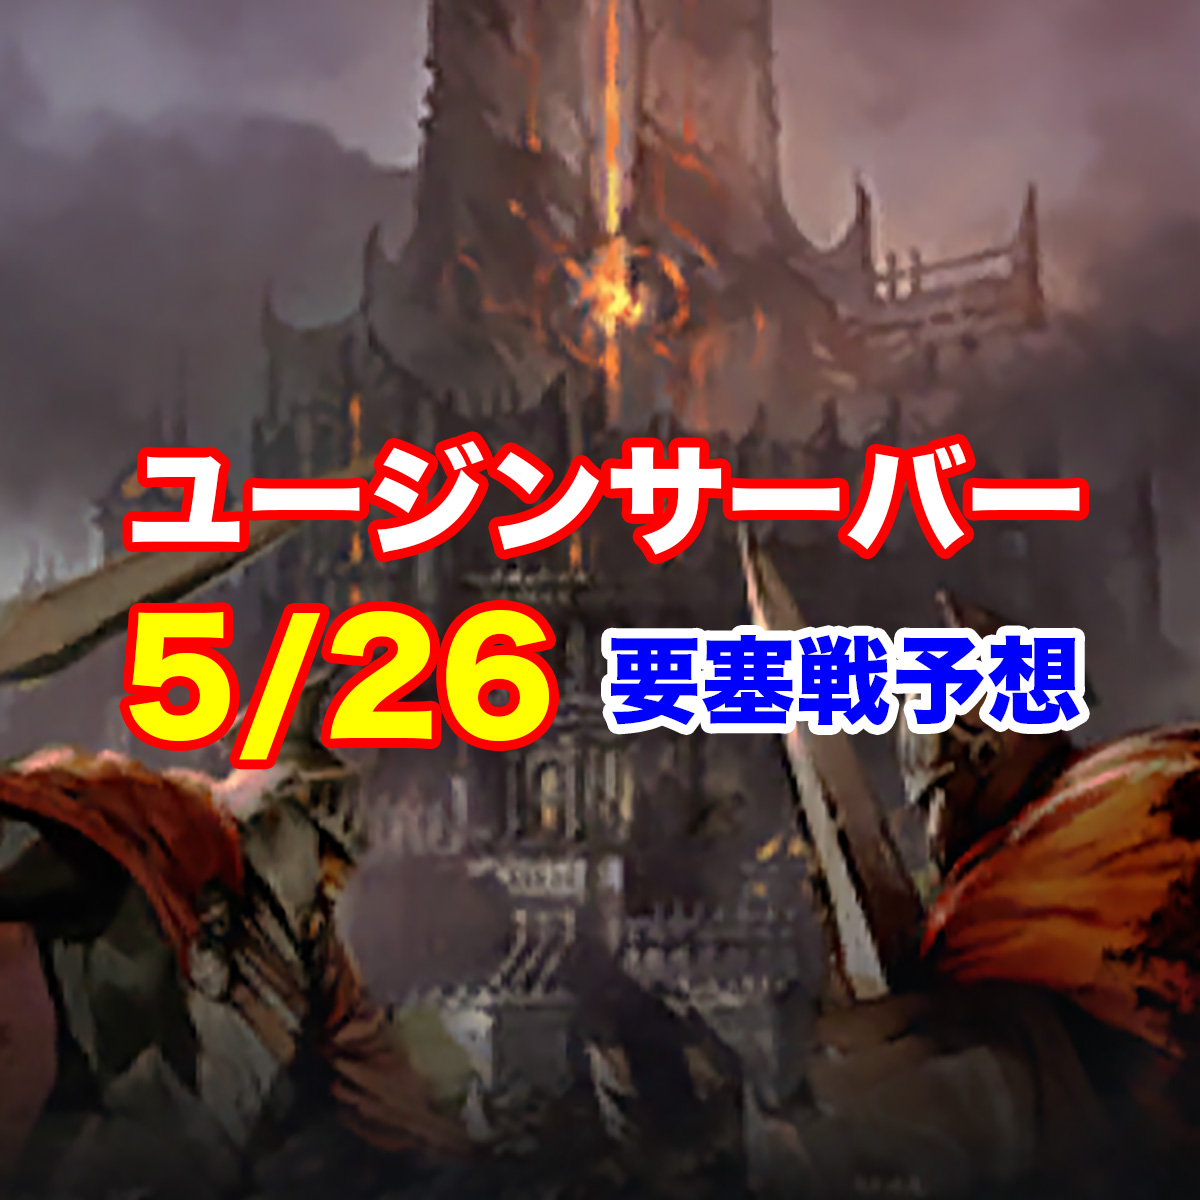 5/26 要塞戦予想